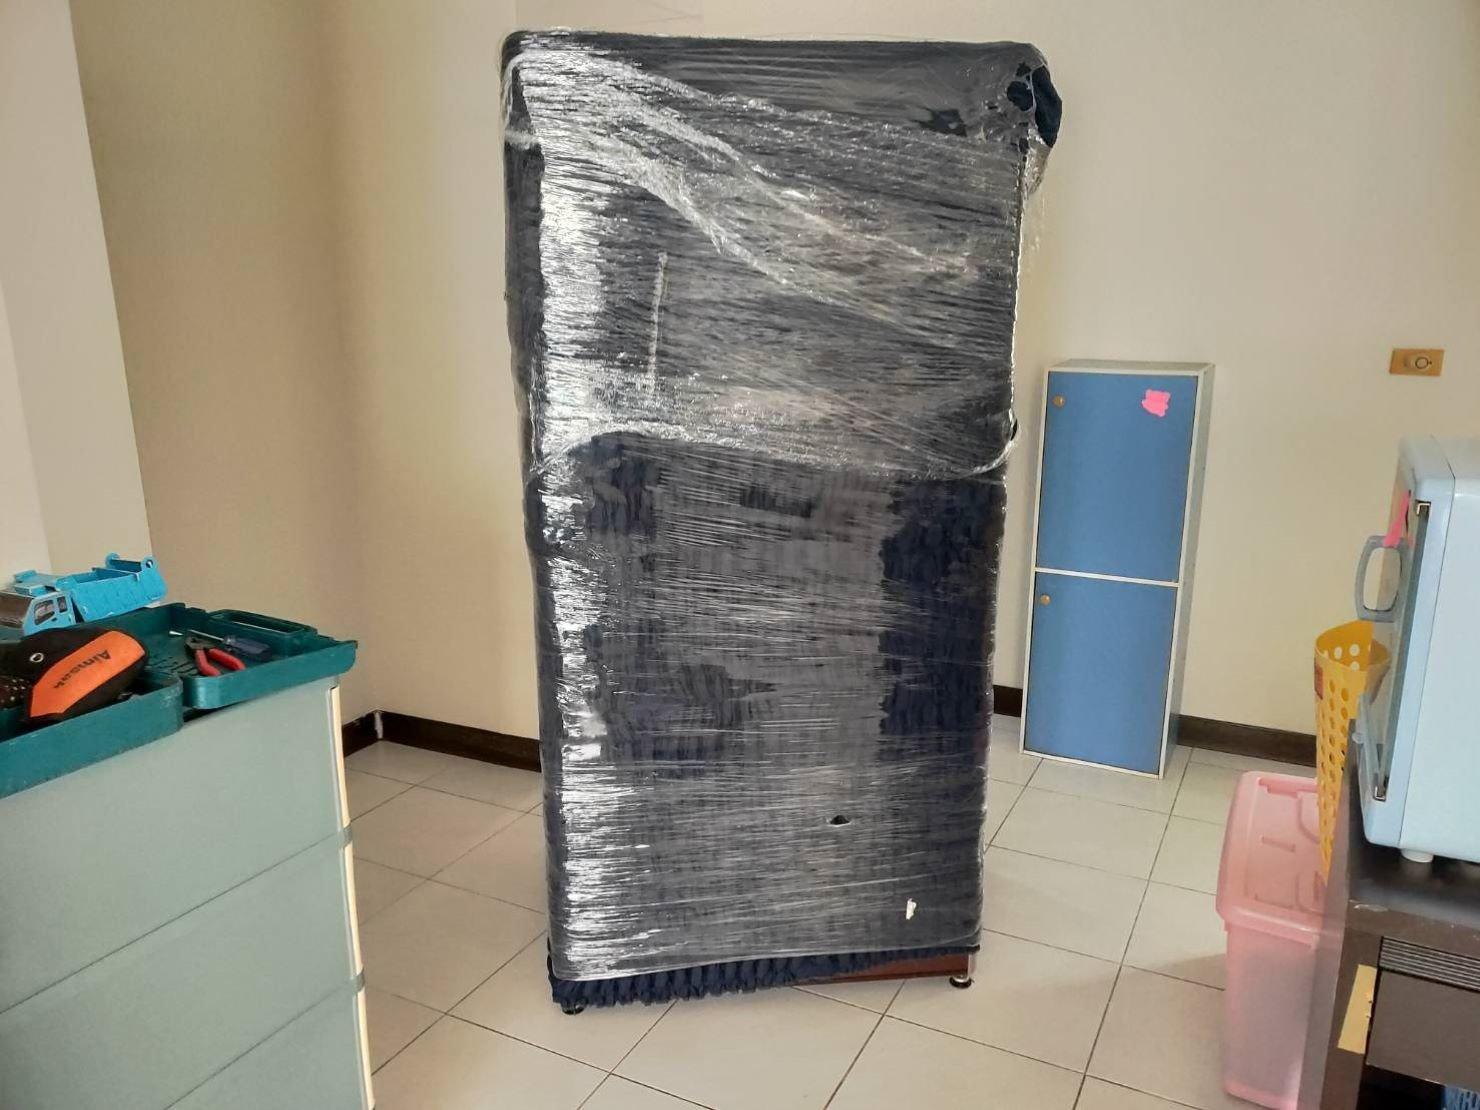 台北搬家、新北搬家【榮福搬家公司】口碑第一、台北搬家公司:將冰箱用布套與膠膜做雙層防護,防碰撞、防水氣滲入。